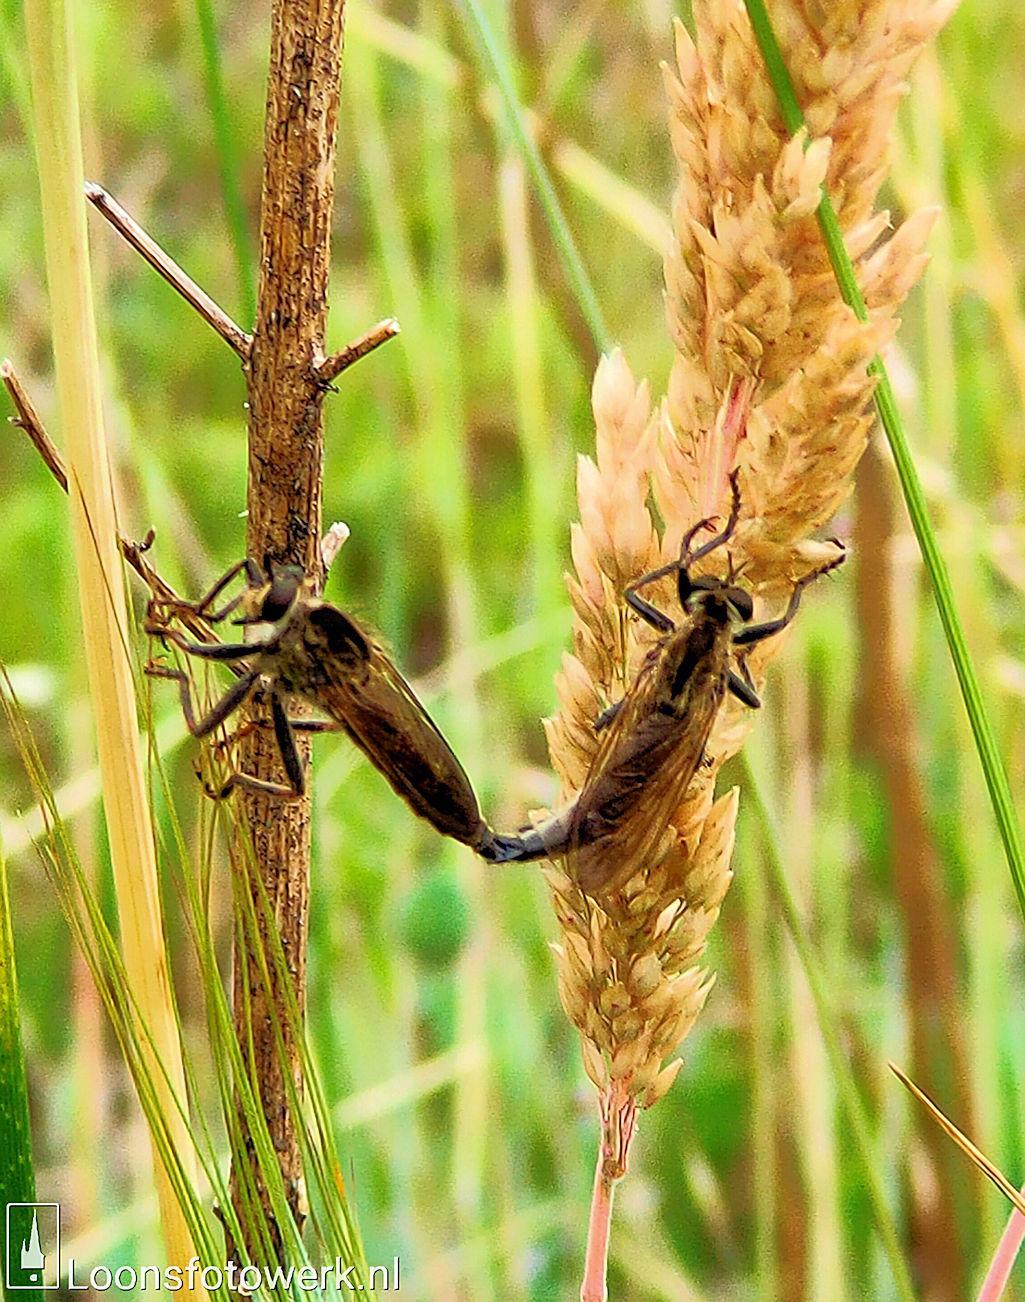 parende stekelpootroofvliegen